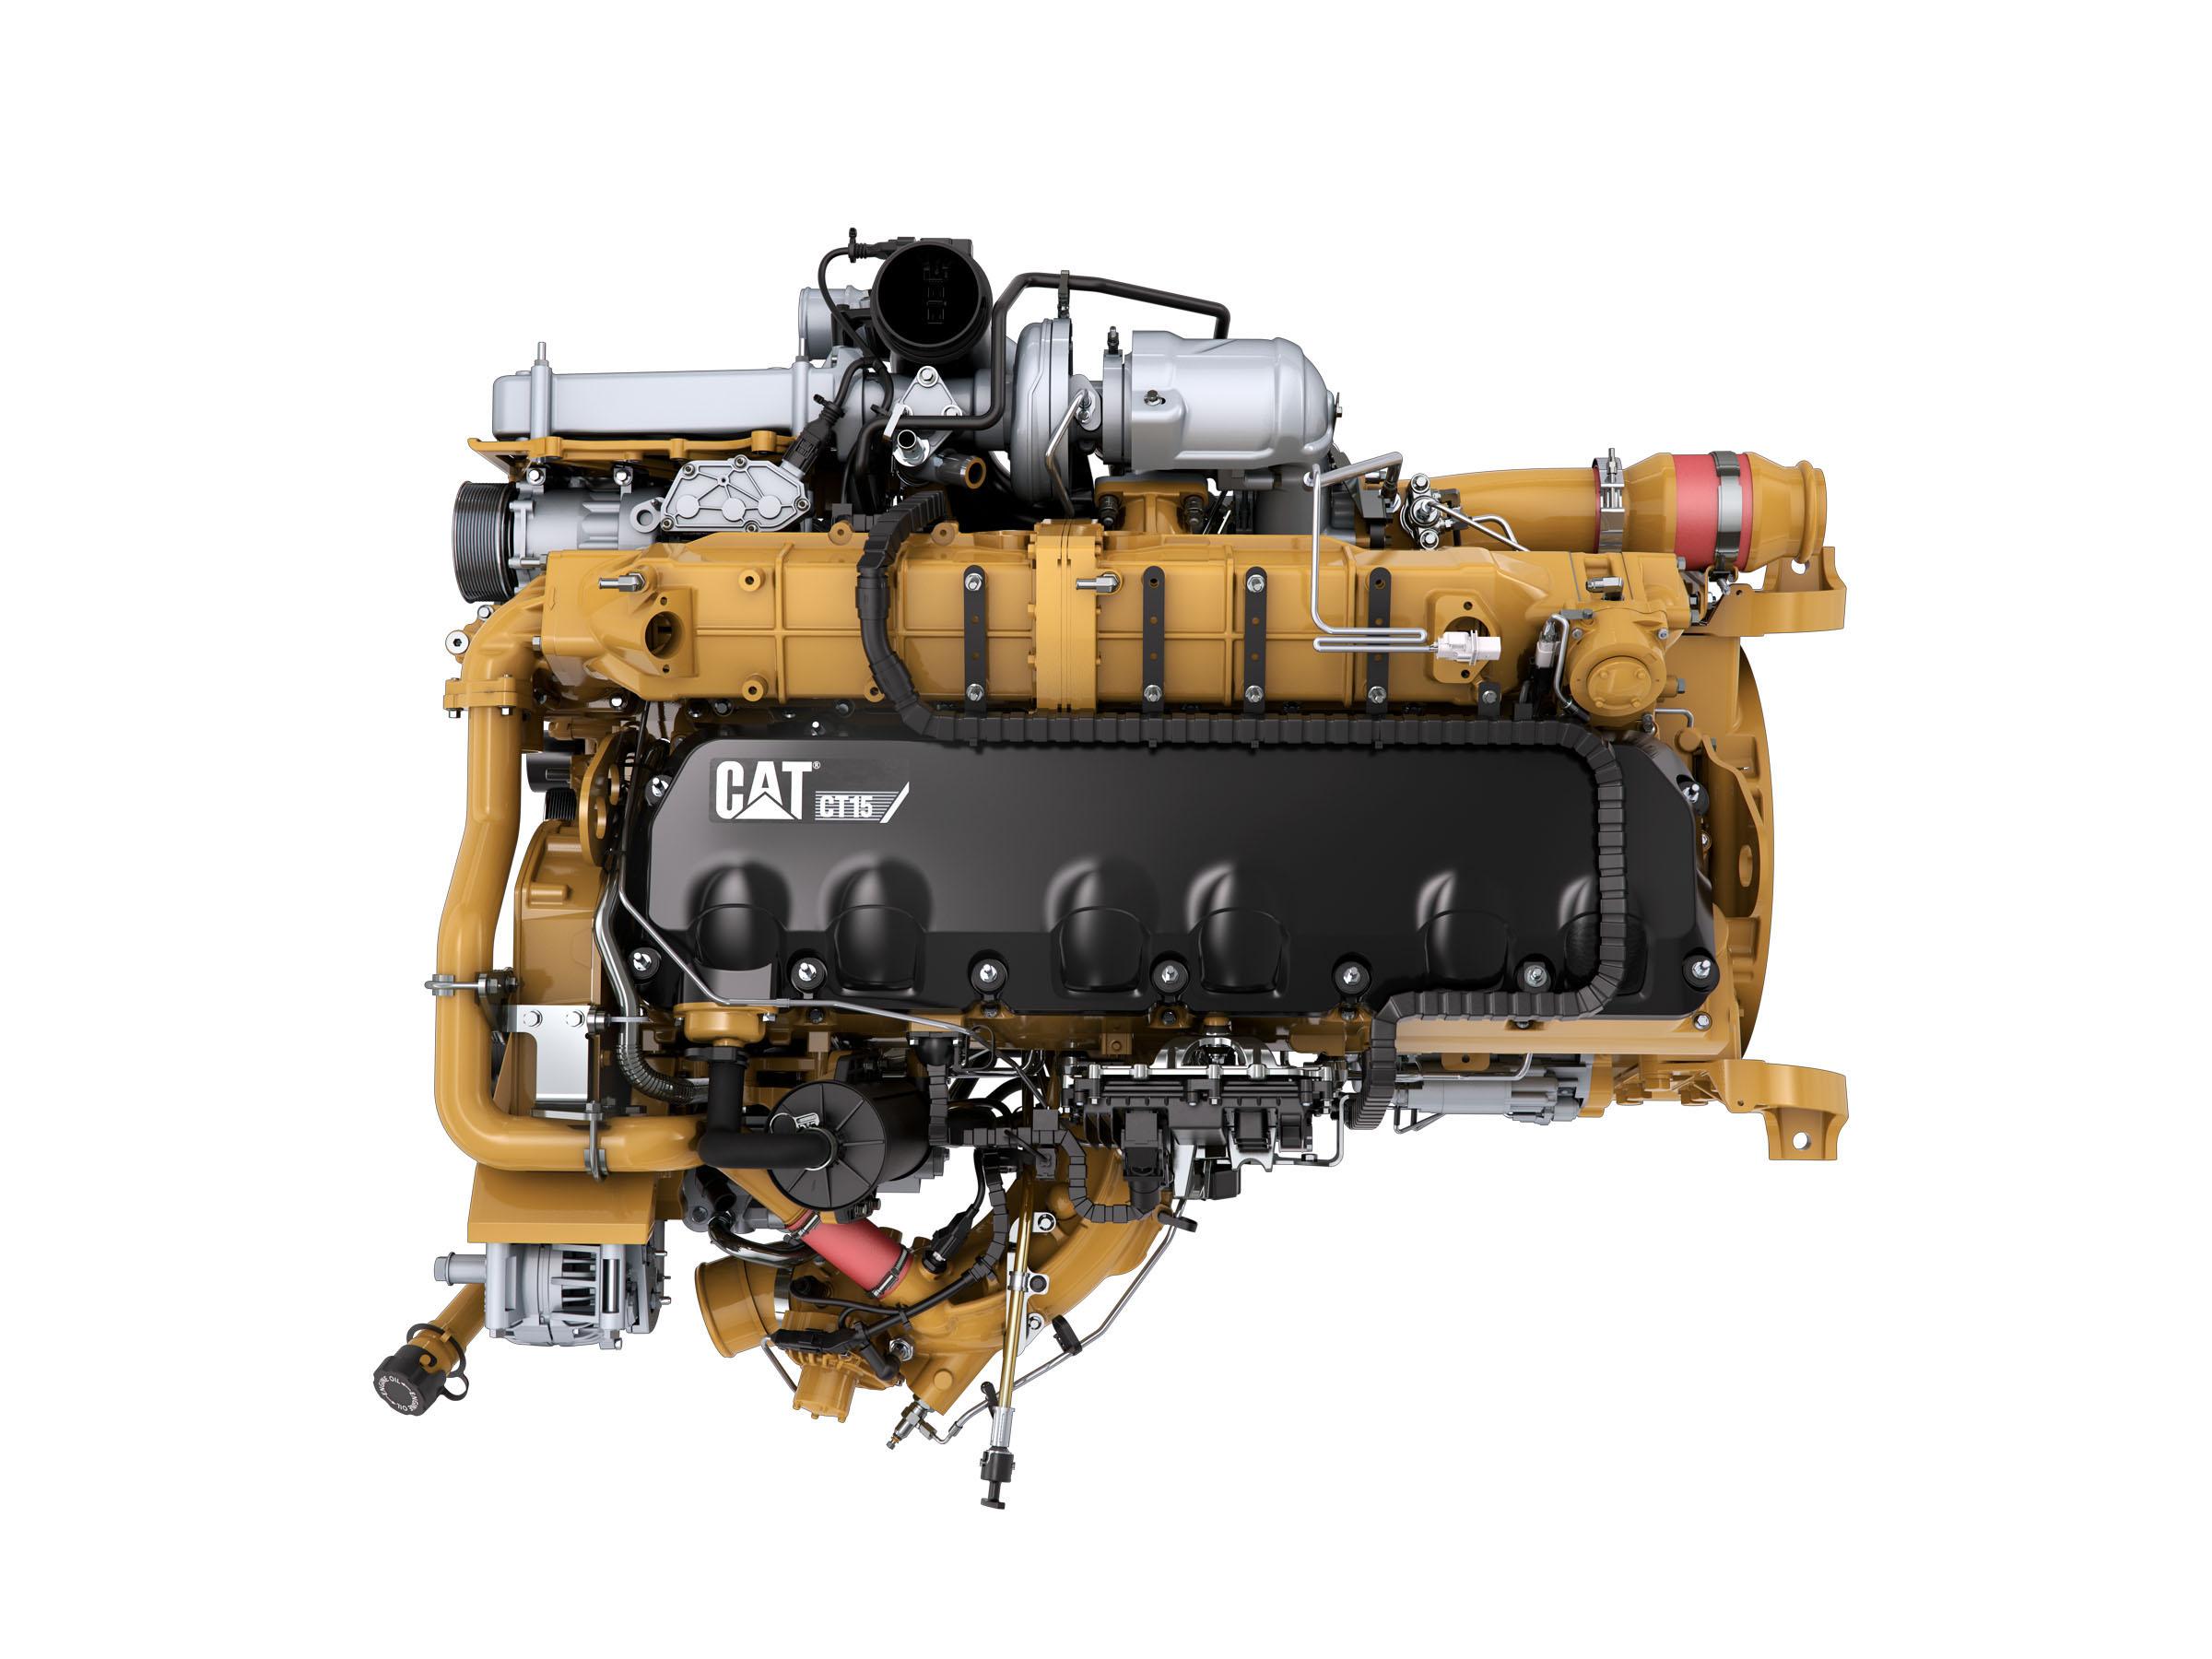 it's a cat arctic cat 300 engine diagram